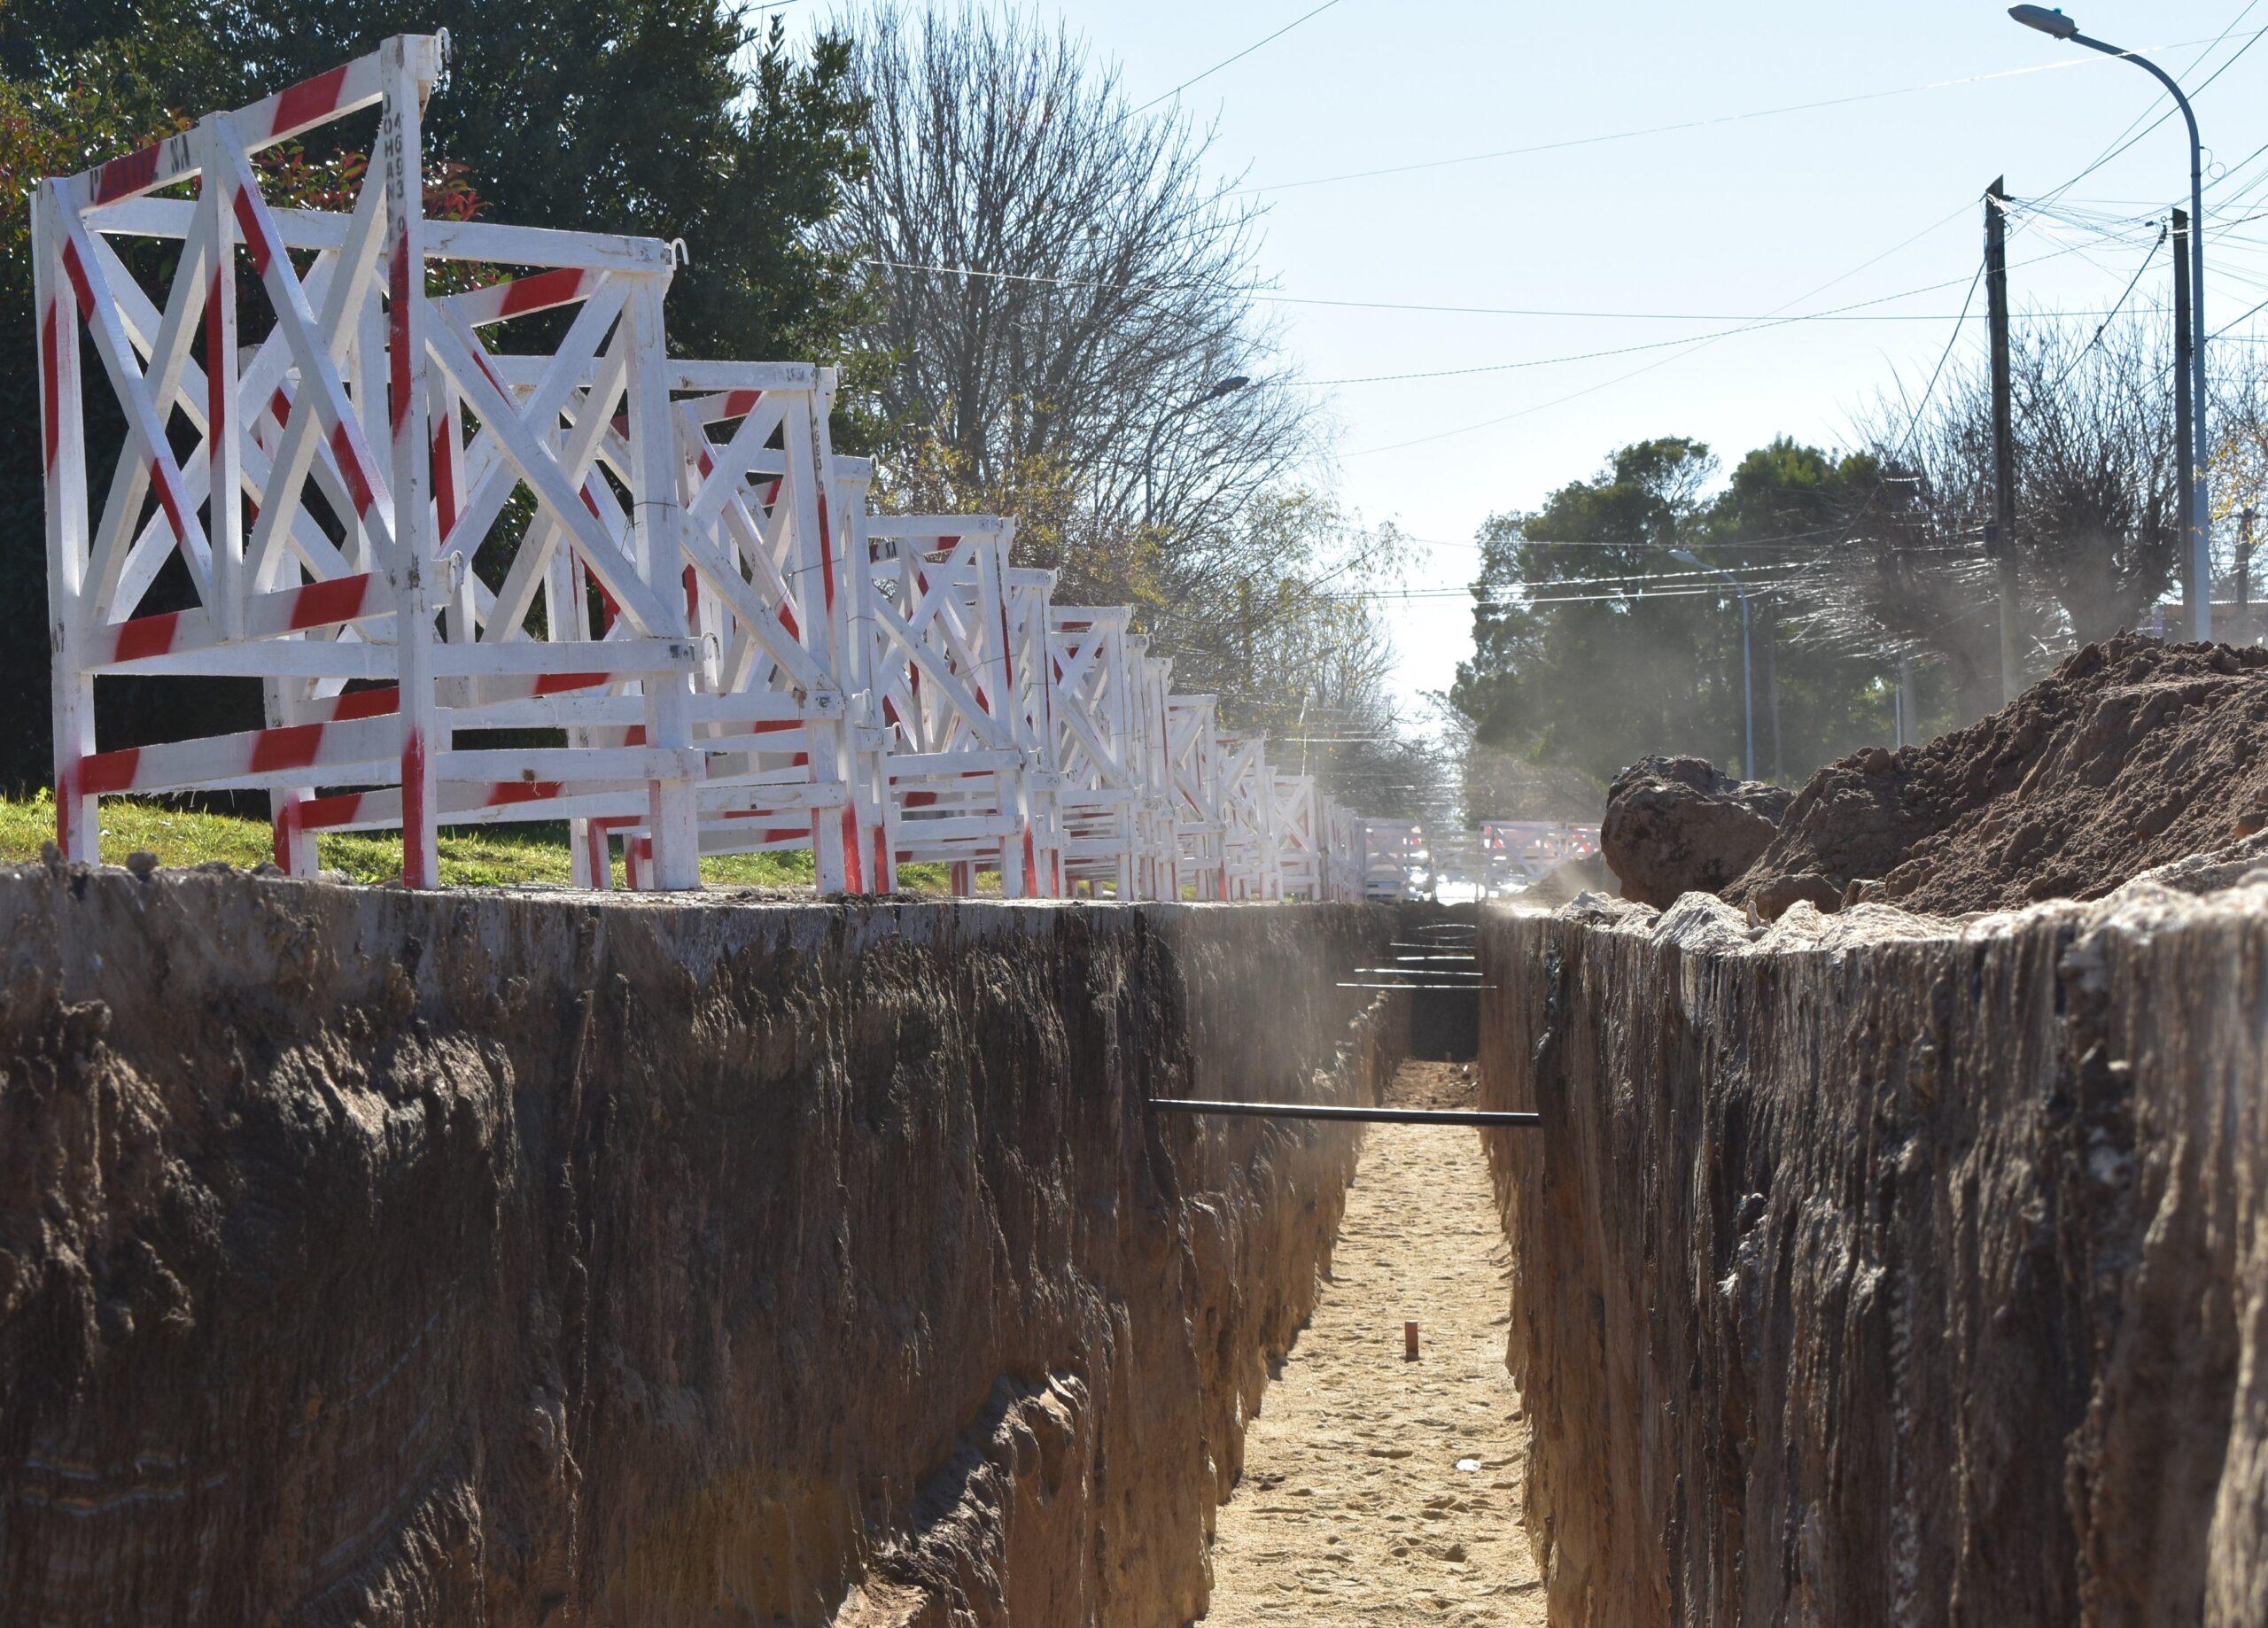 Obras Sanitarias trabaja en Zona Norte para potenciar el servicio de agua